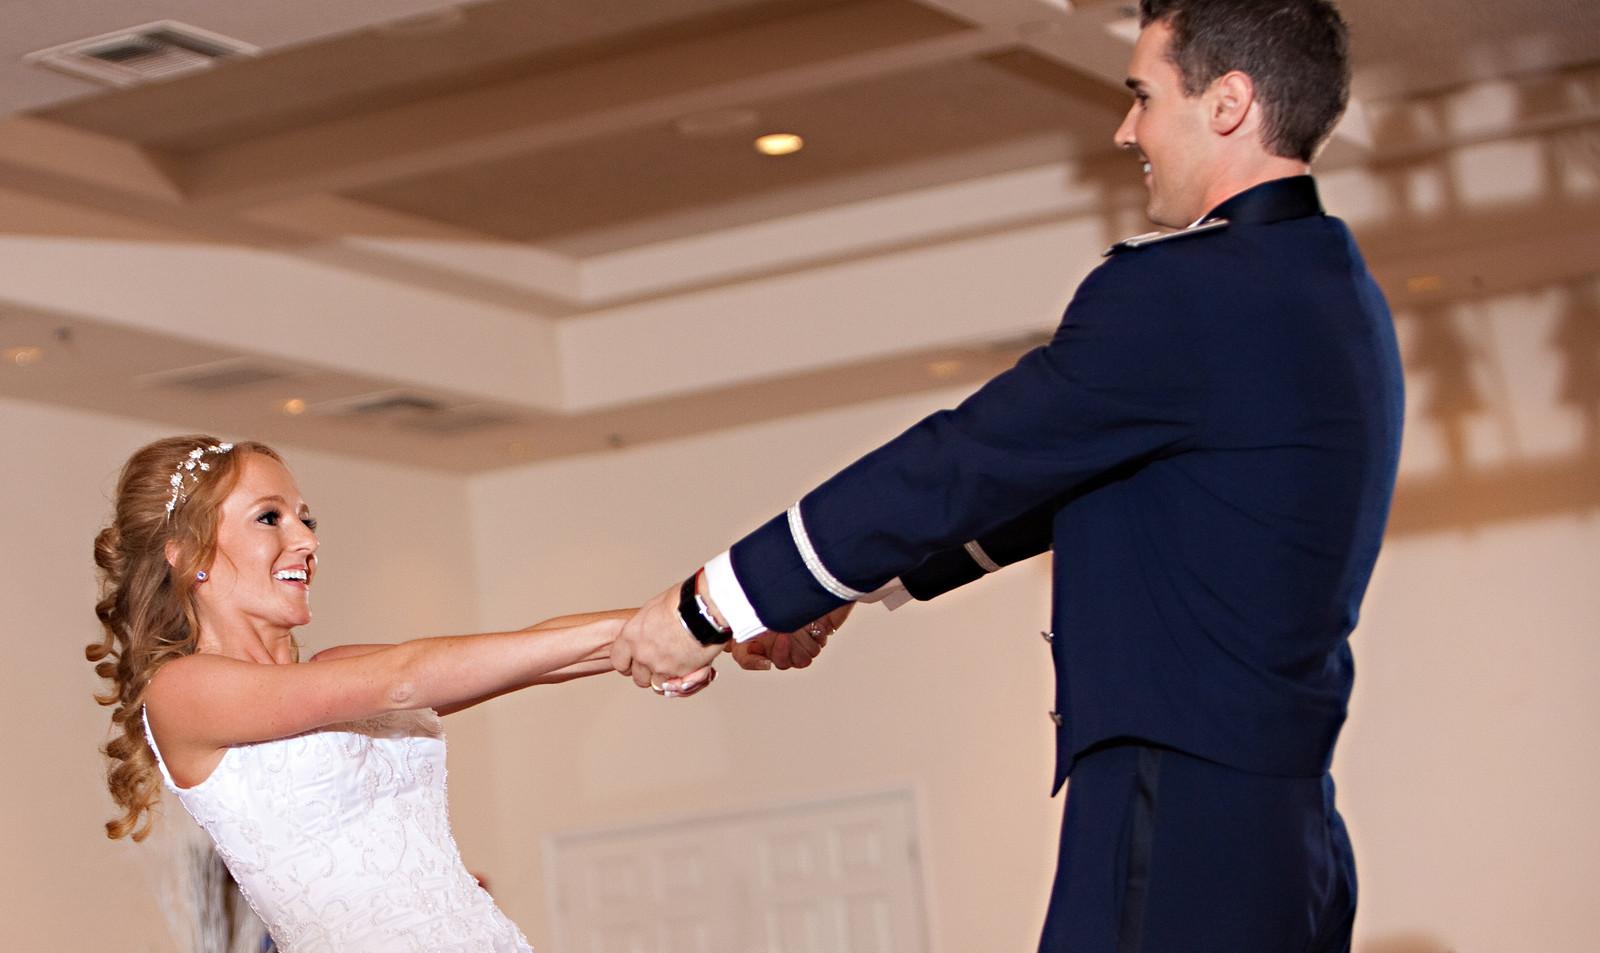 image Couple Dancing Windy City Wedding Dance 2015